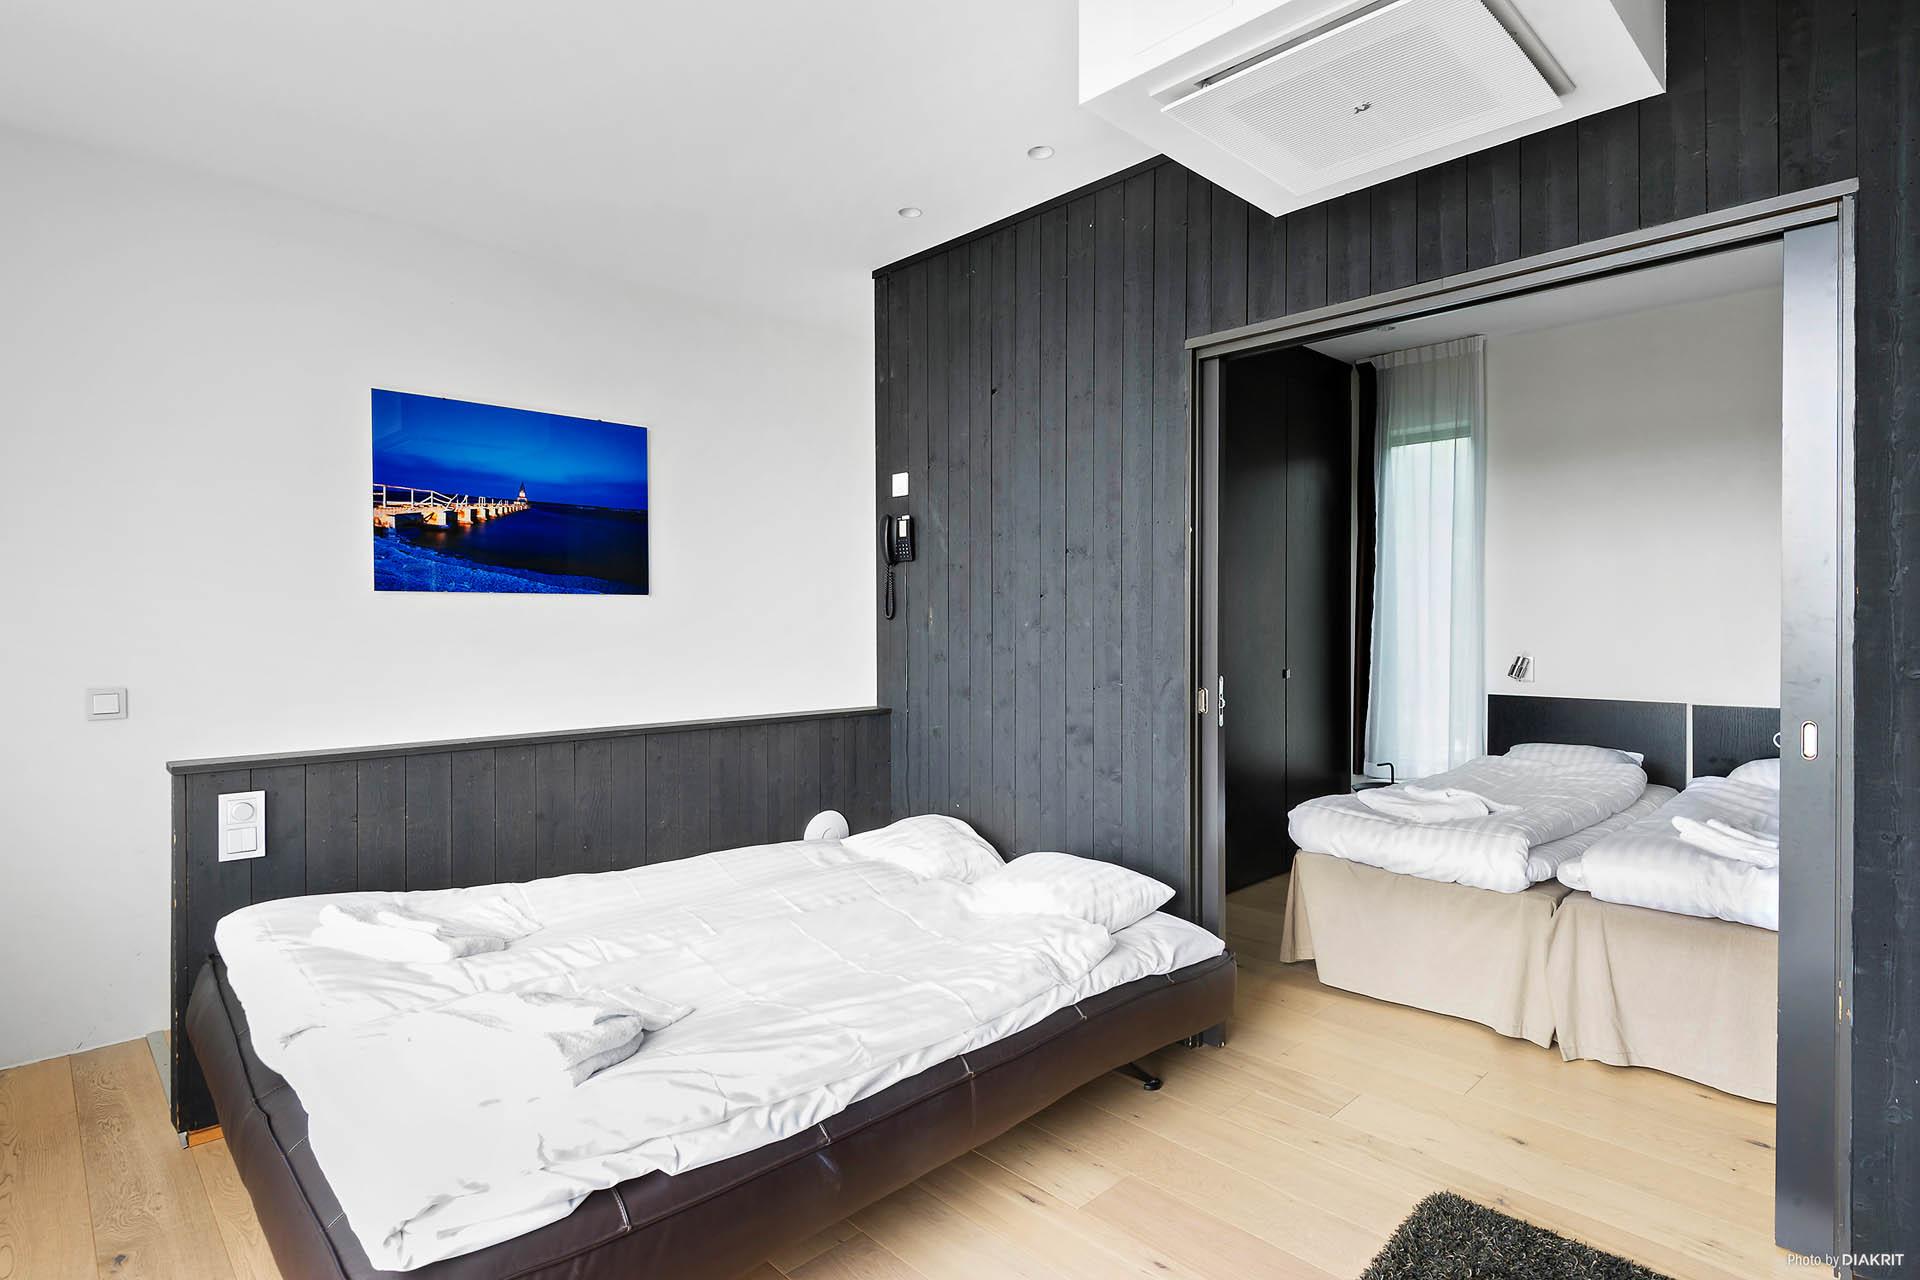 Sovrum med förvaring innanför vardagsrummet